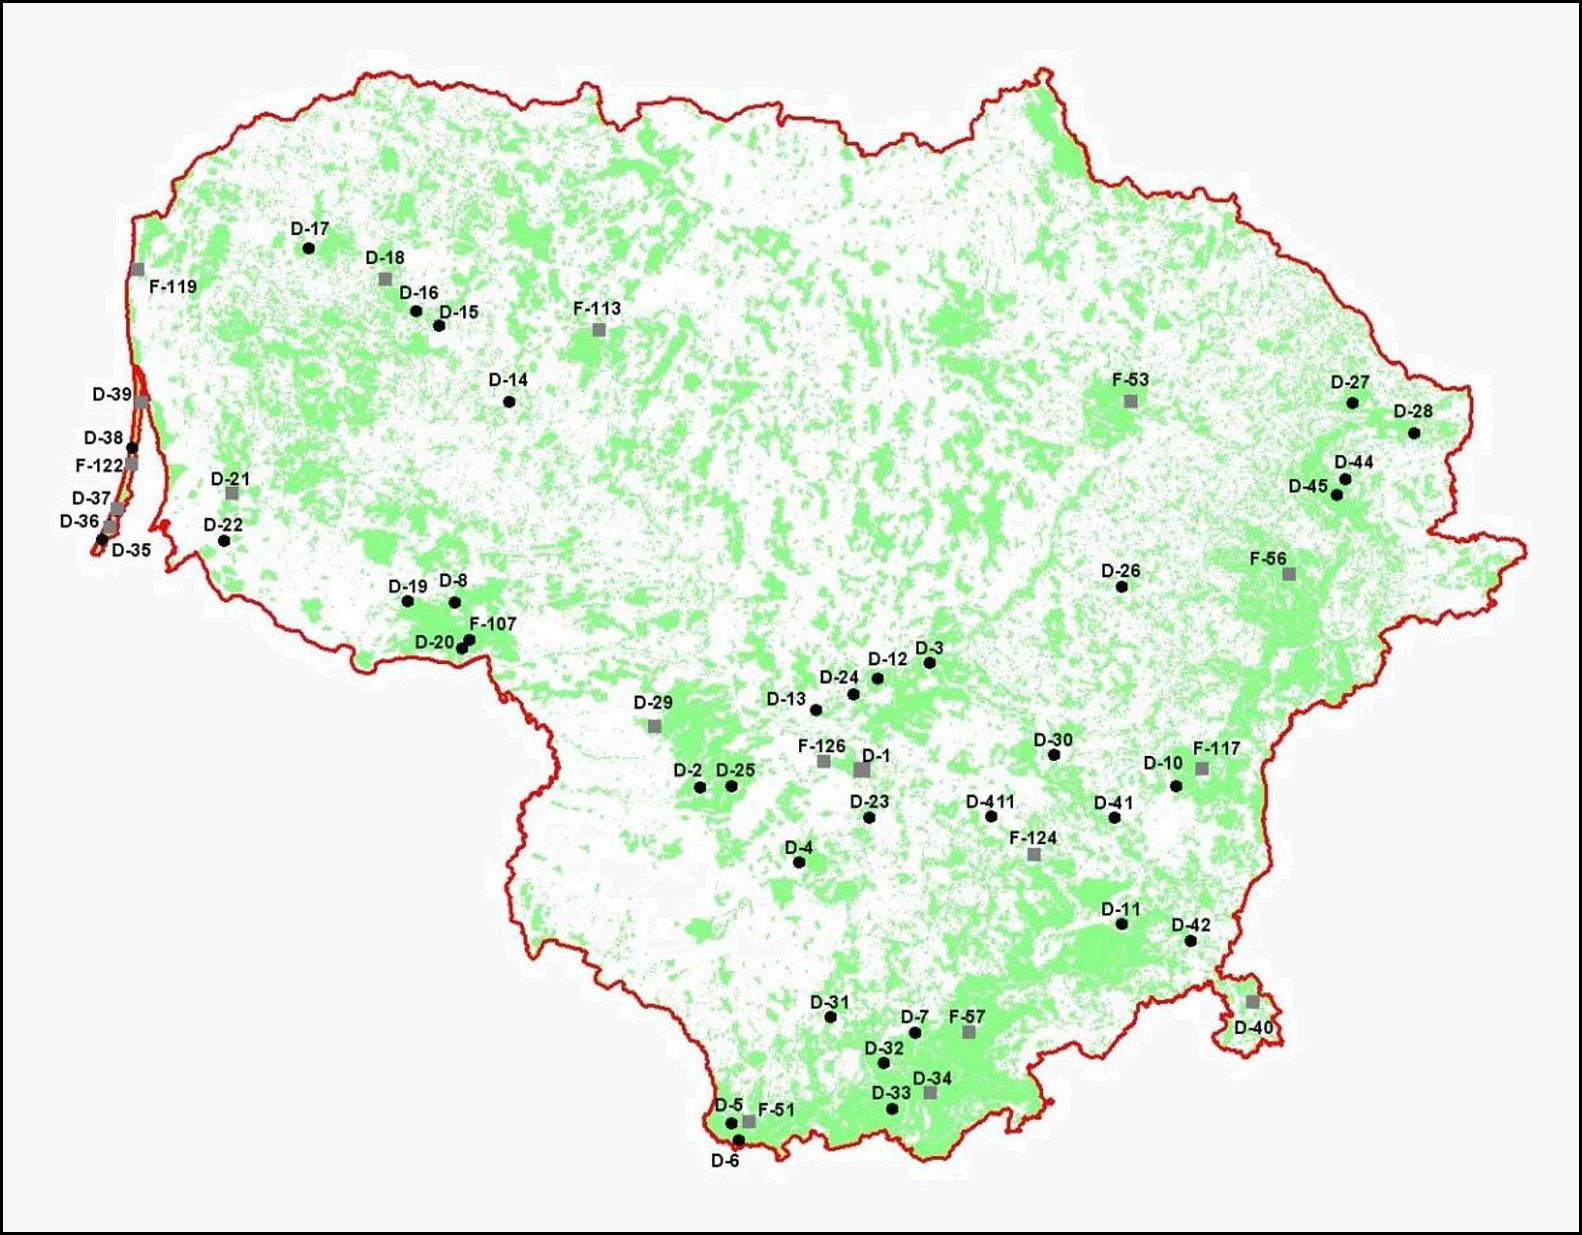 1 pav. Miško smėlžemių tyrimo profiliai Lietuvoje